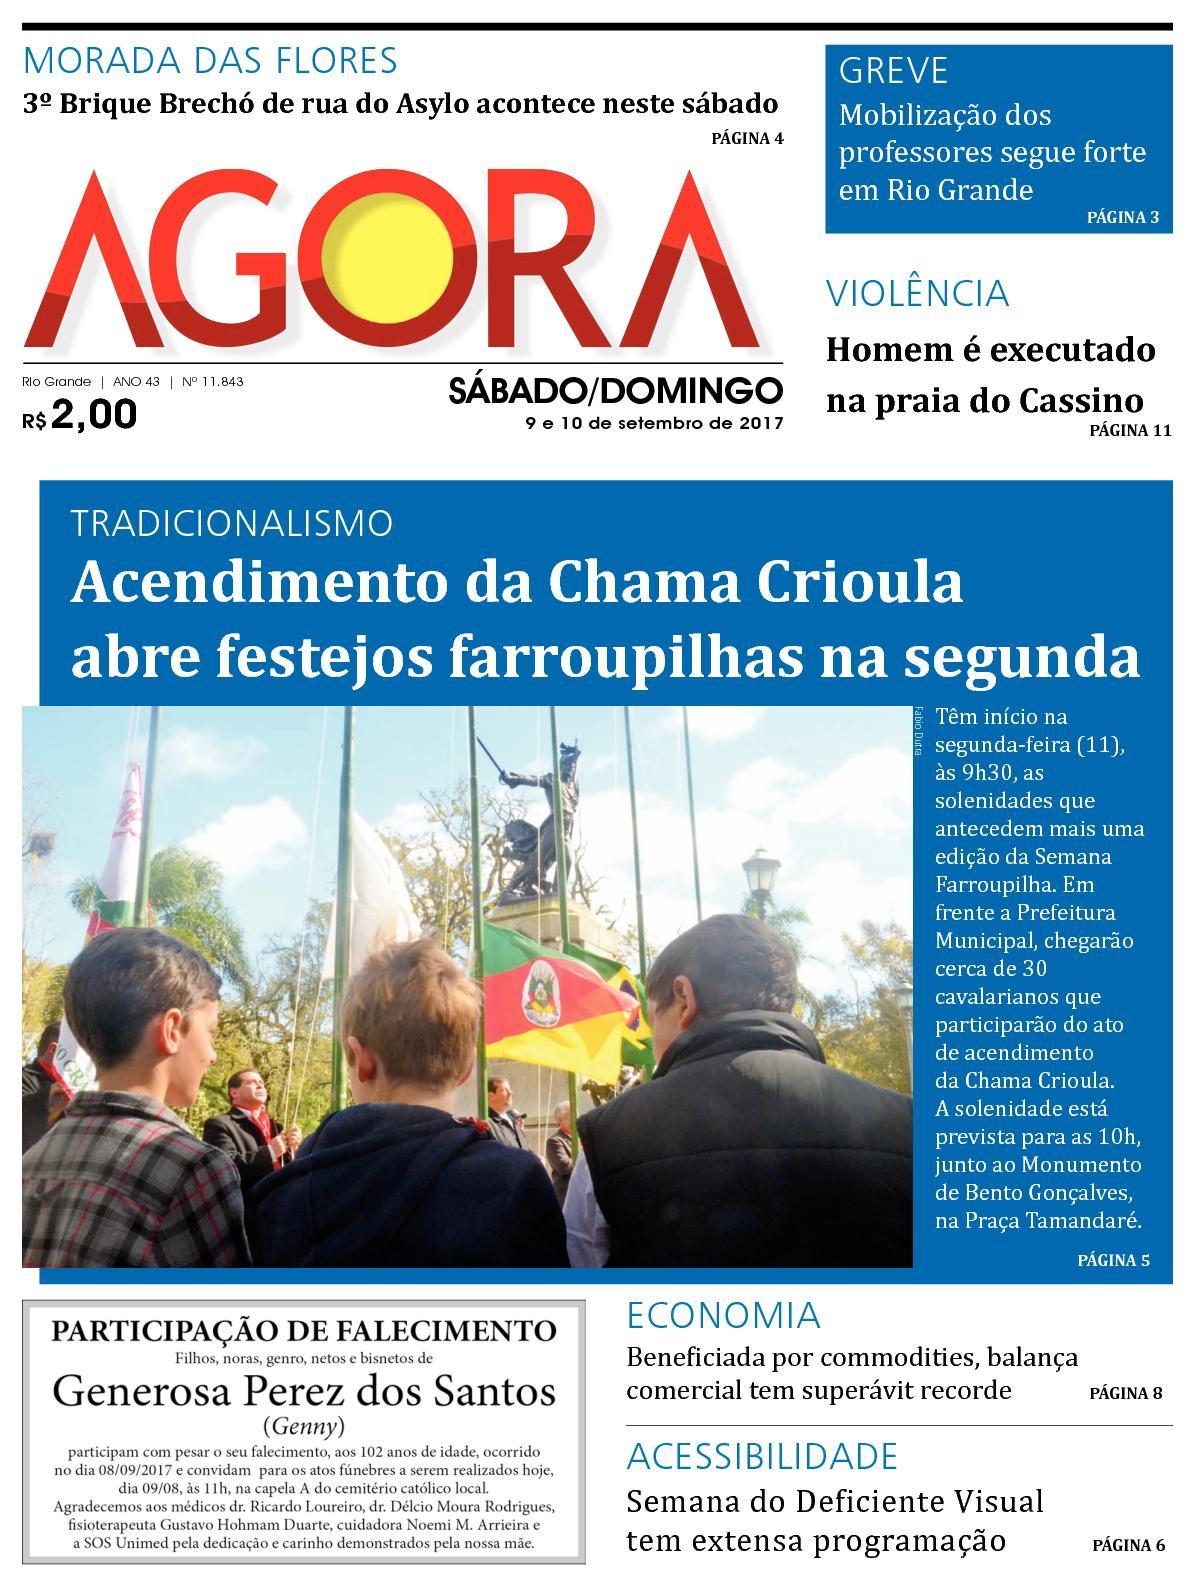 cedc6d9231a Calaméo - Jornal Agora - Edição 11843 - 9 e 10 de Setembro de 2017